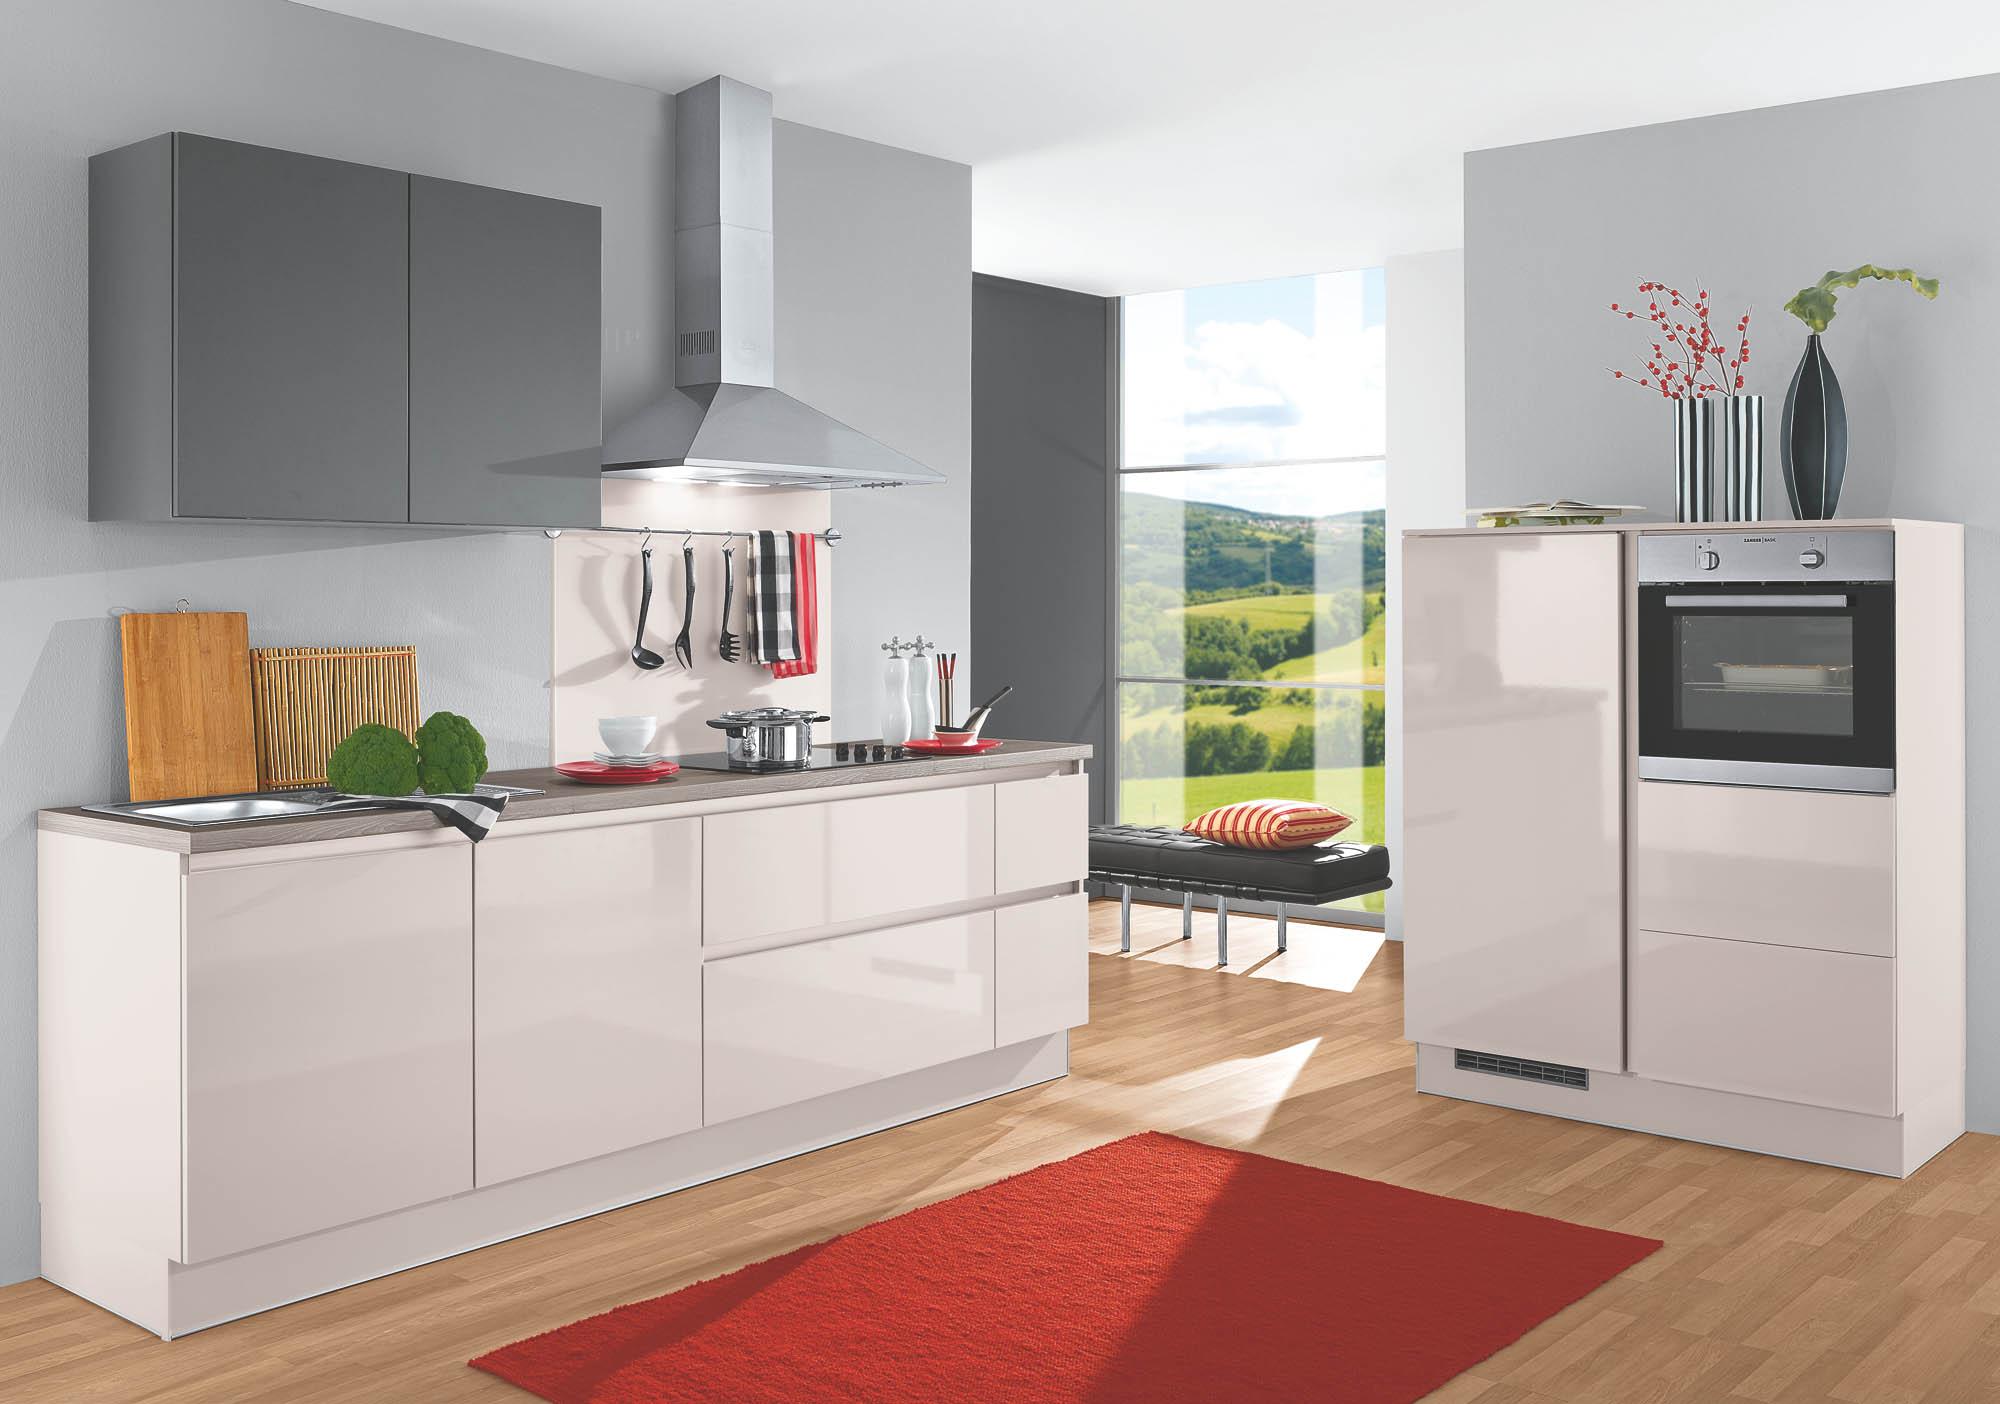 Full Size of Küche Finanzieren Küchen Aktuell Küche Finanzieren Ohne Gehaltsnachweis Wie Lange Küche Finanzieren Küche Finanzieren Erfahrung Küche Küche Finanzieren